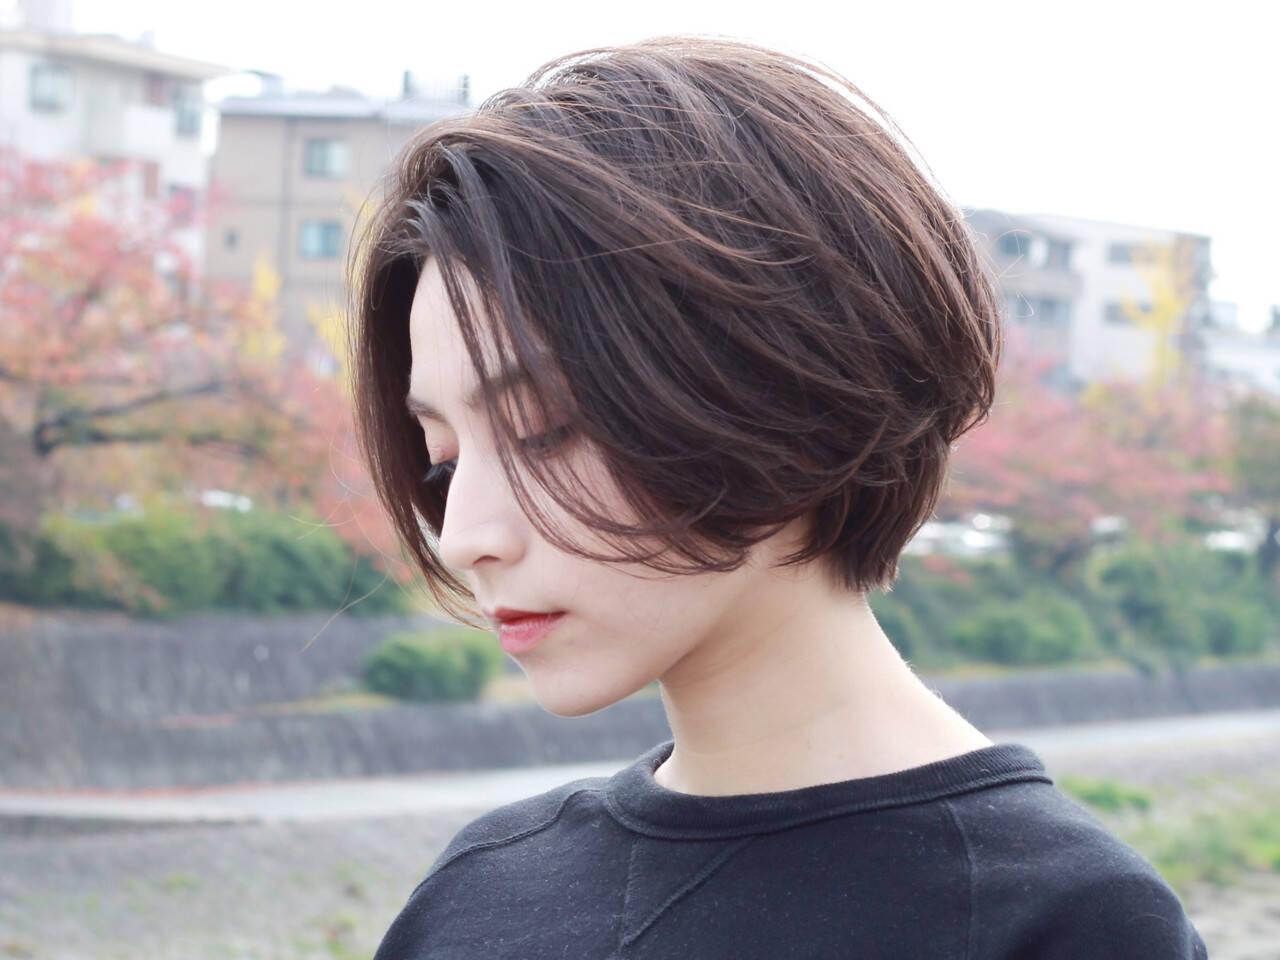 アッシュグレージュ ナチュラル グレージュ ボブヘアスタイルや髪型の写真・画像